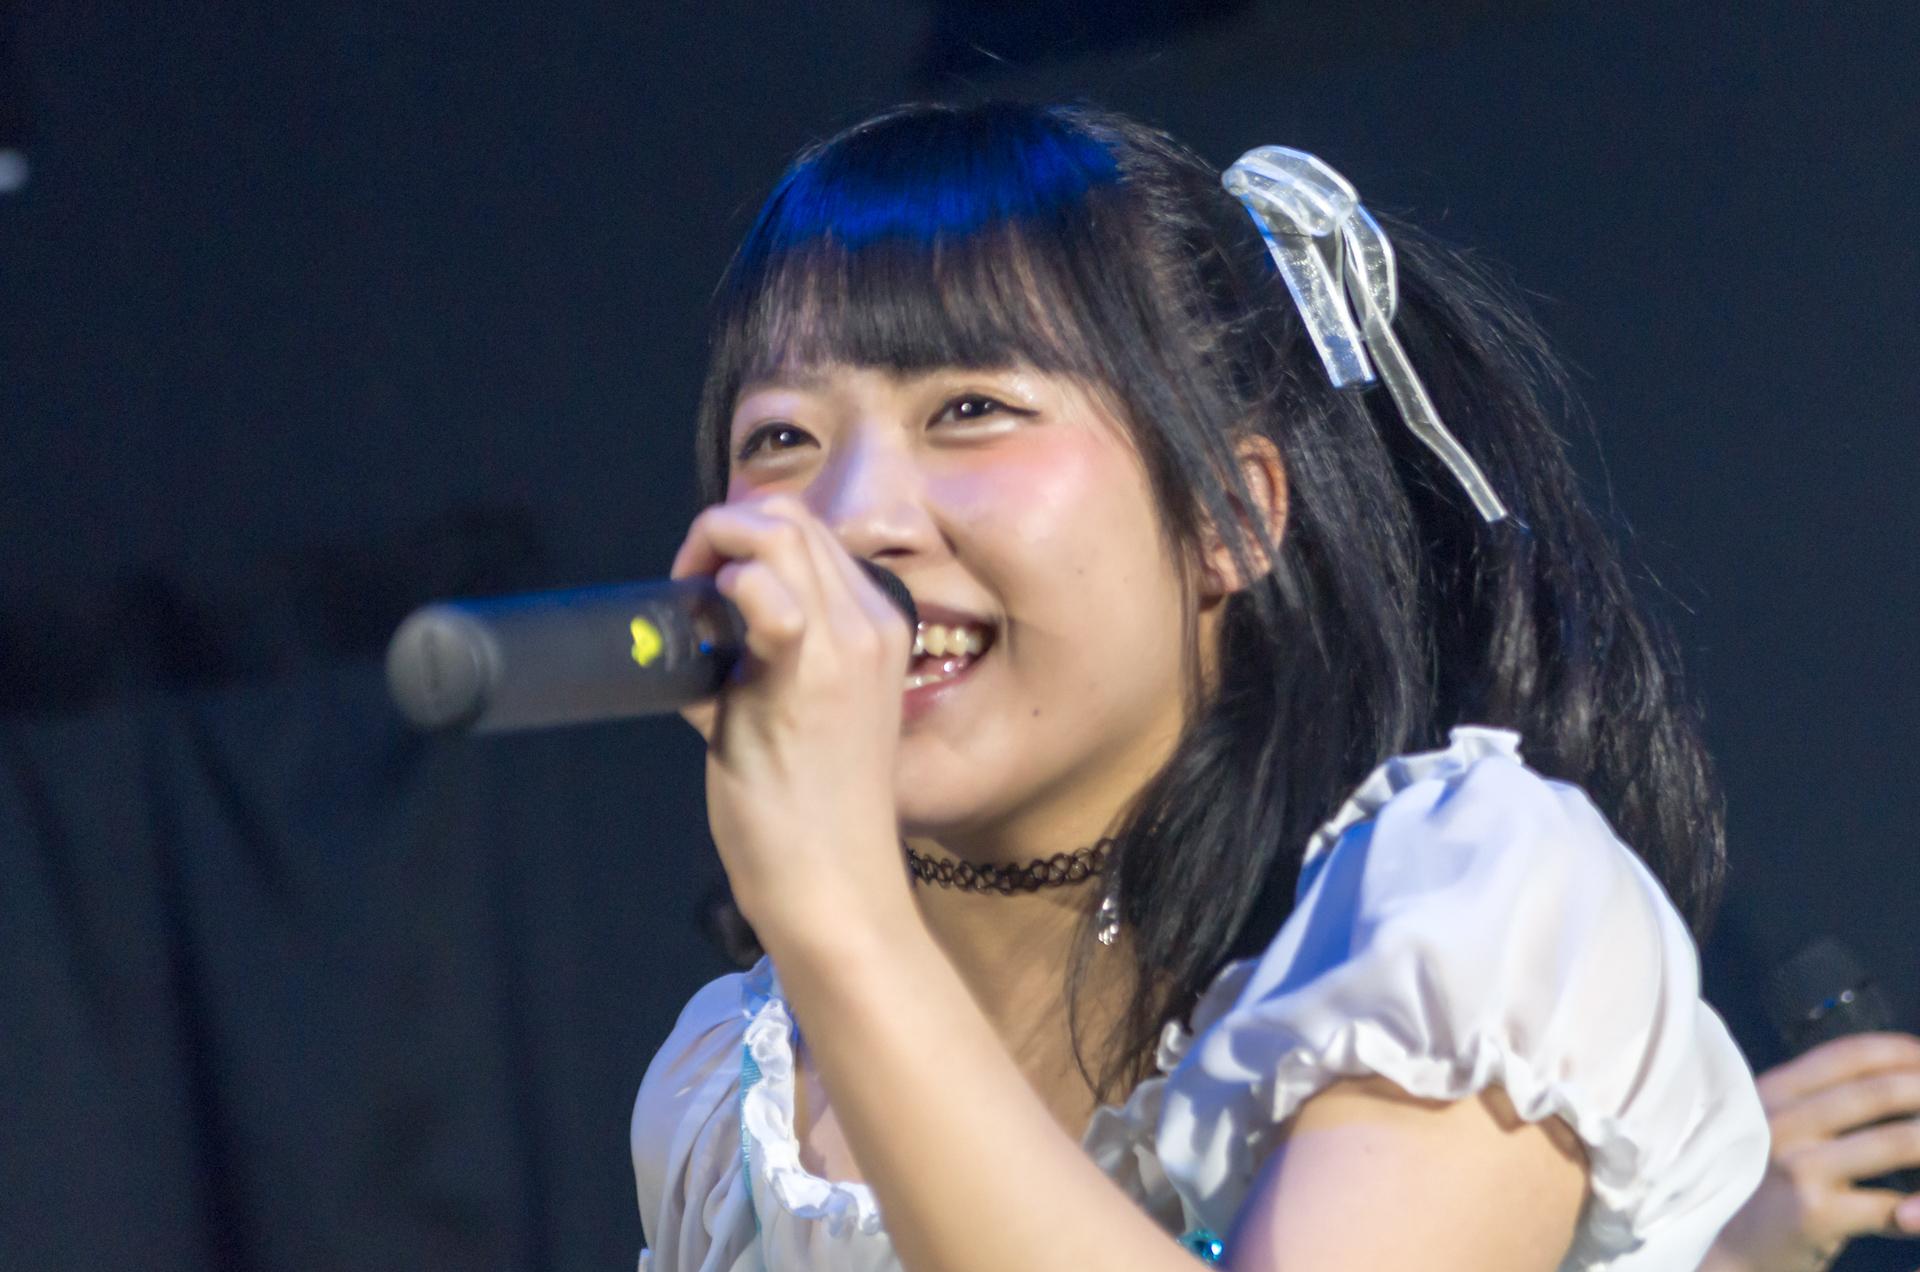 フルーティー♡ さい ( 北出彩 ) | アイドルバスケットVol.33